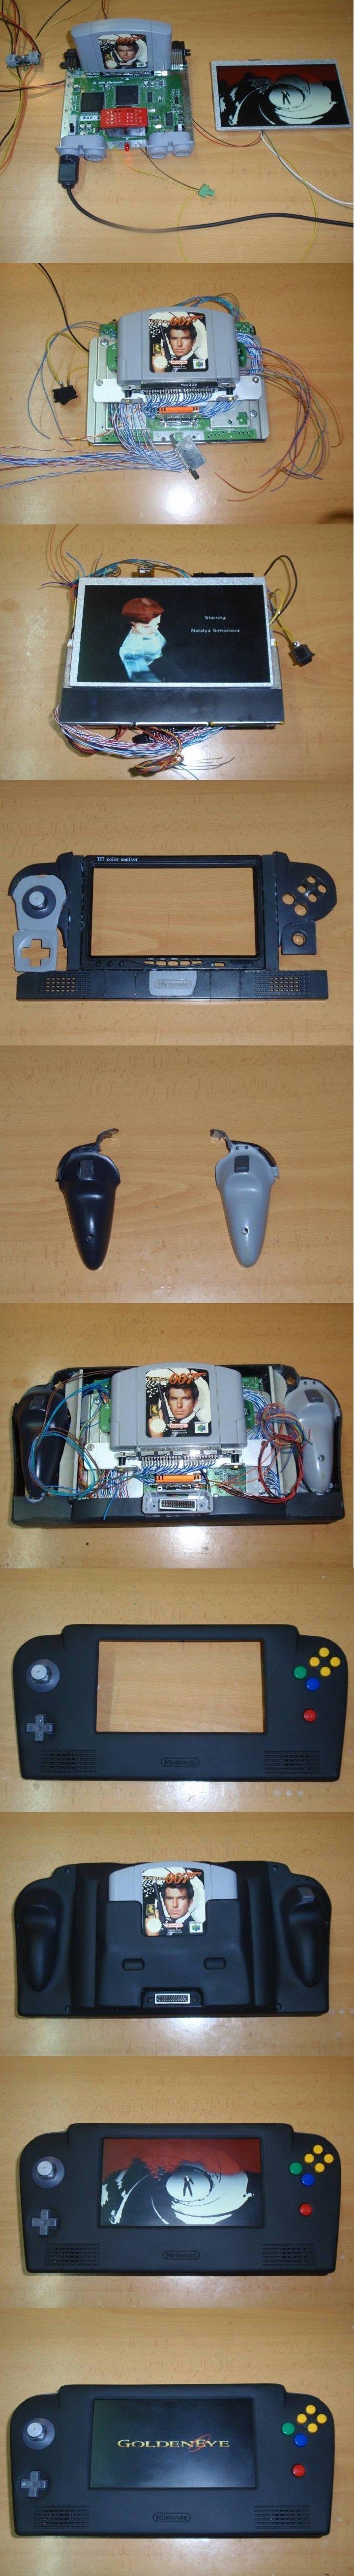 Portable N64. you want description?.